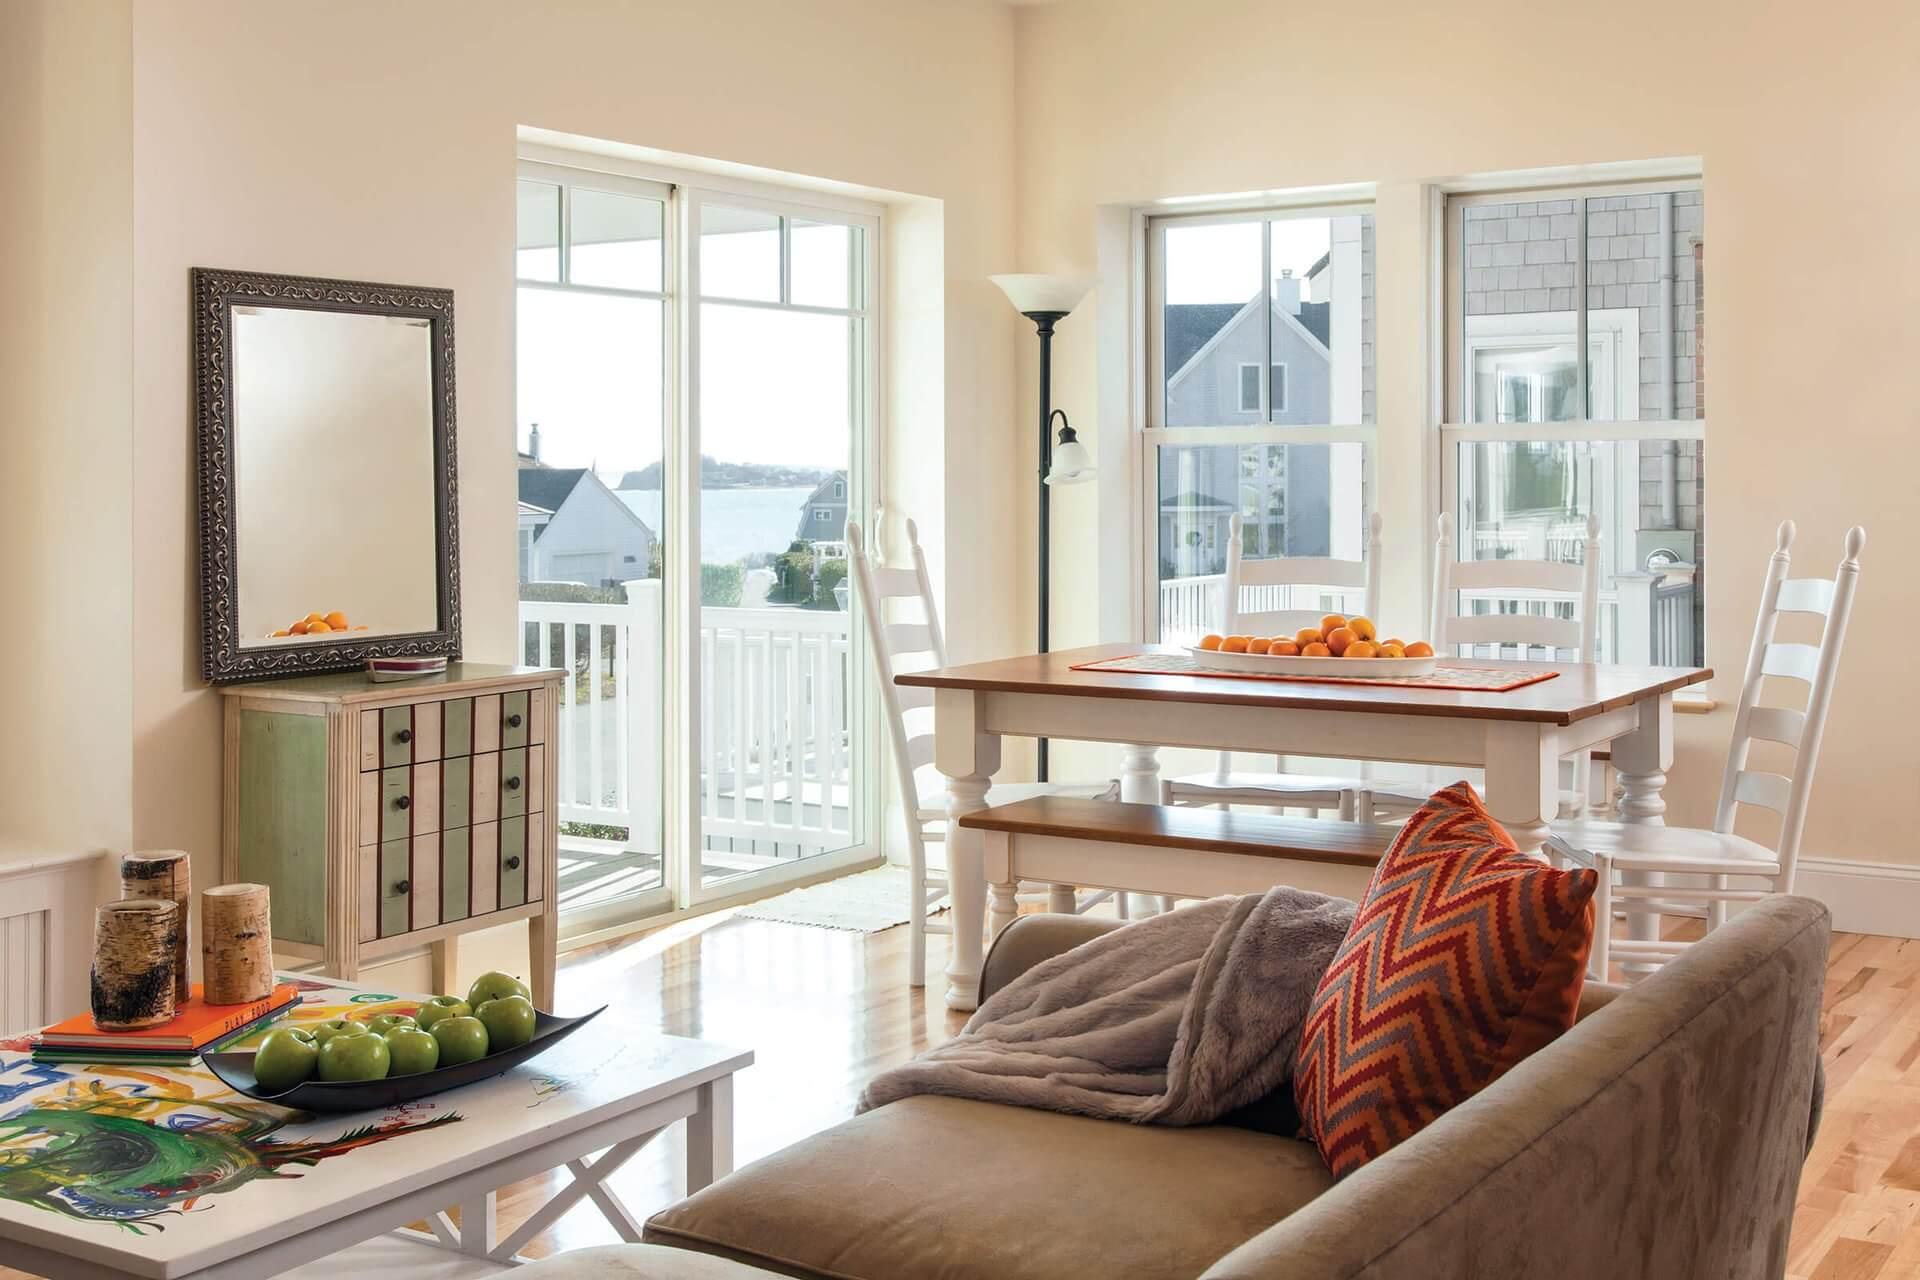 elevate-sliding-patio-door-4-net-zero-scituate-house-v2